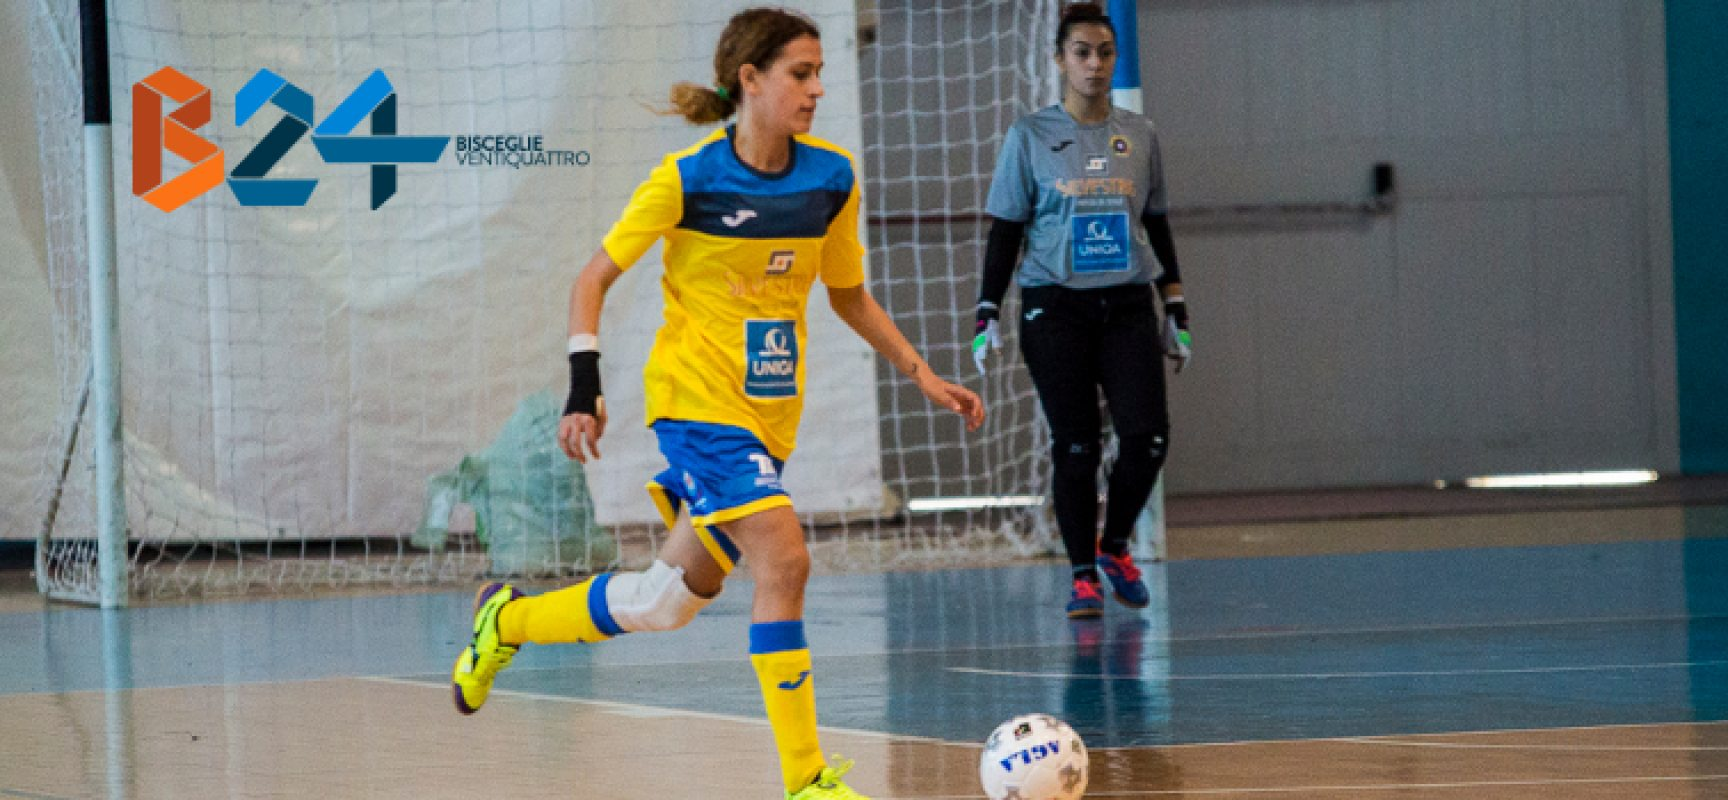 Il Futsal Bisceglie femminile vince a Vittoria e consolida il quarto posto / CLASSIFICA